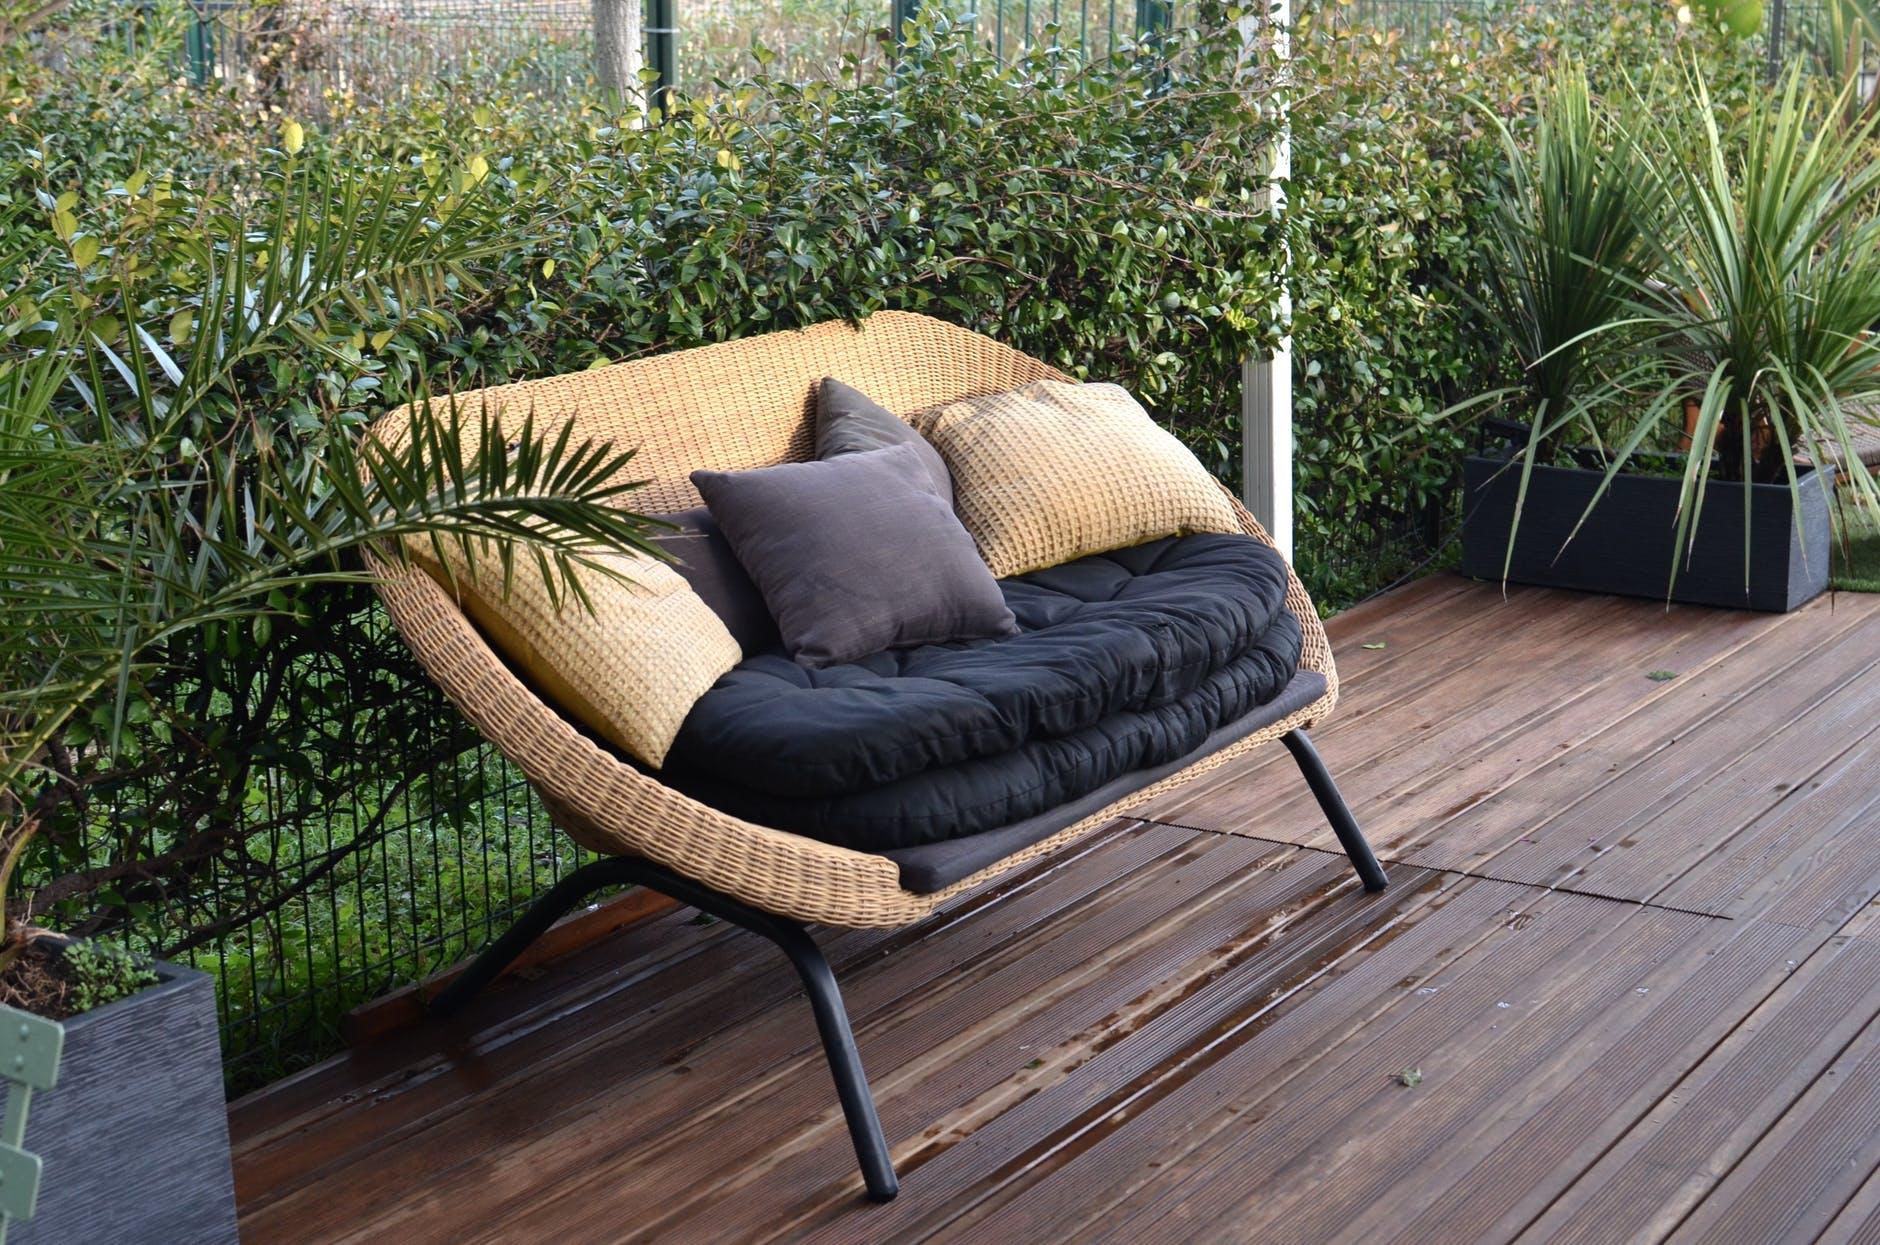 wood relaxation summer garden